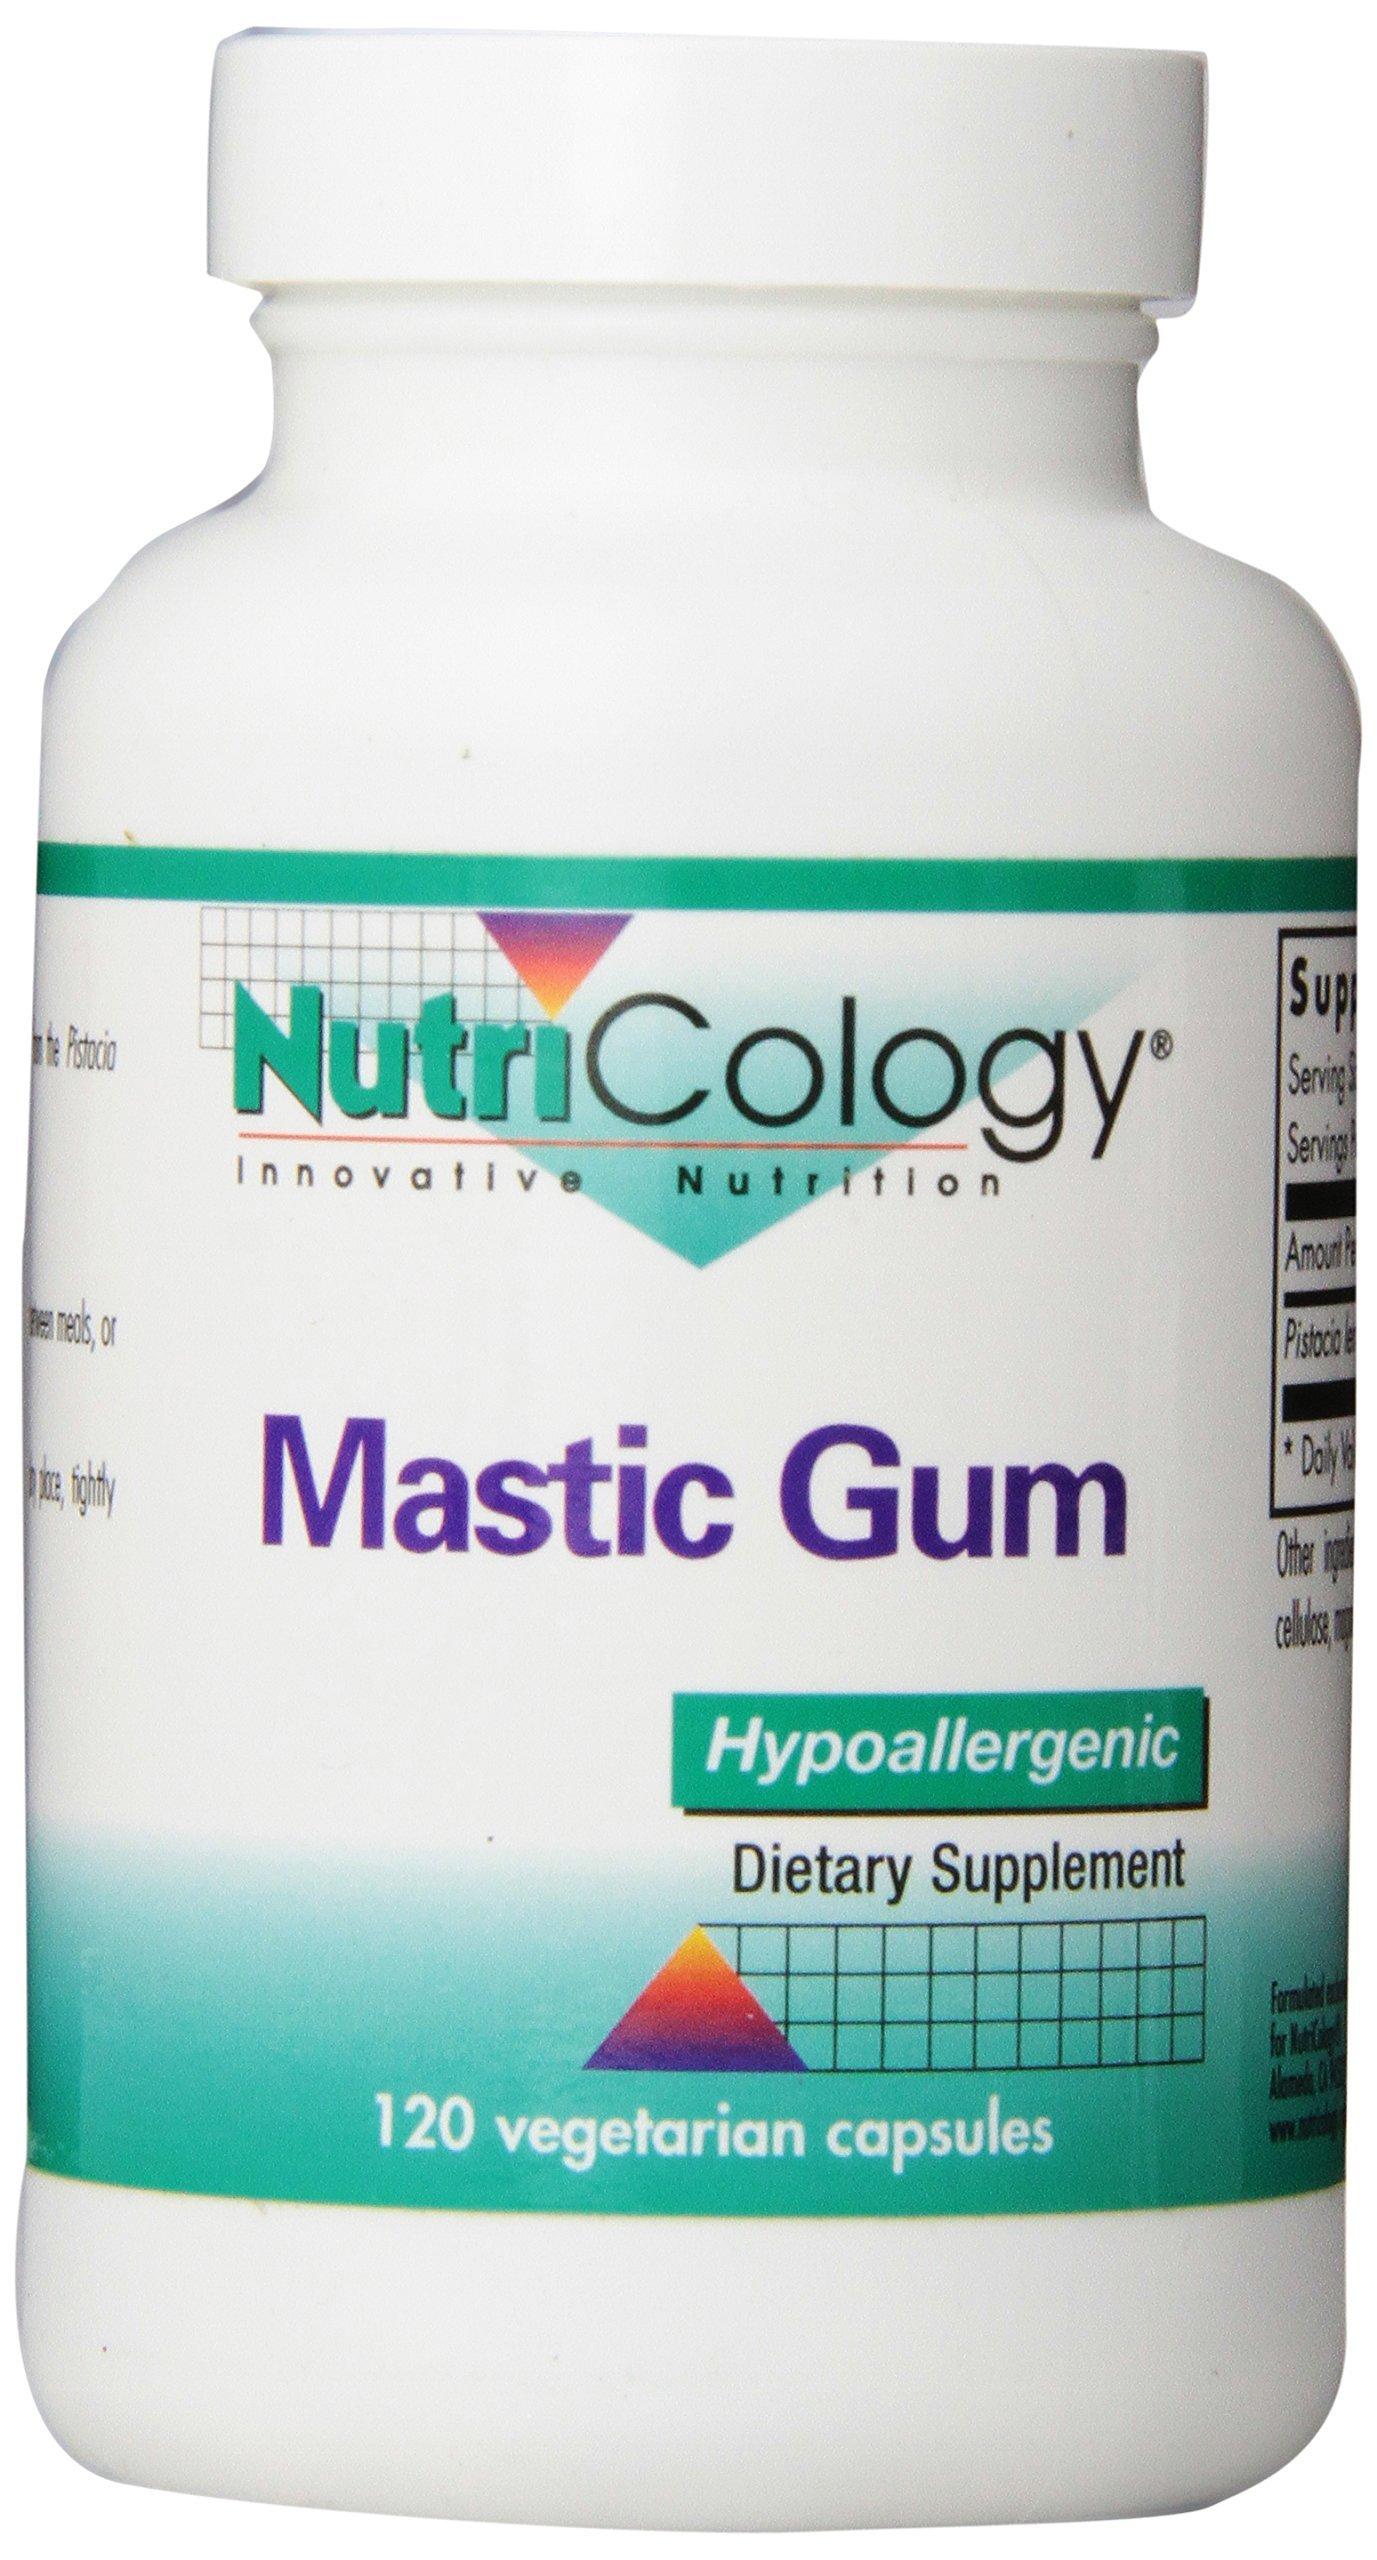 Nutricology Mastic Gum Vegetarian Capsules, 120 Count